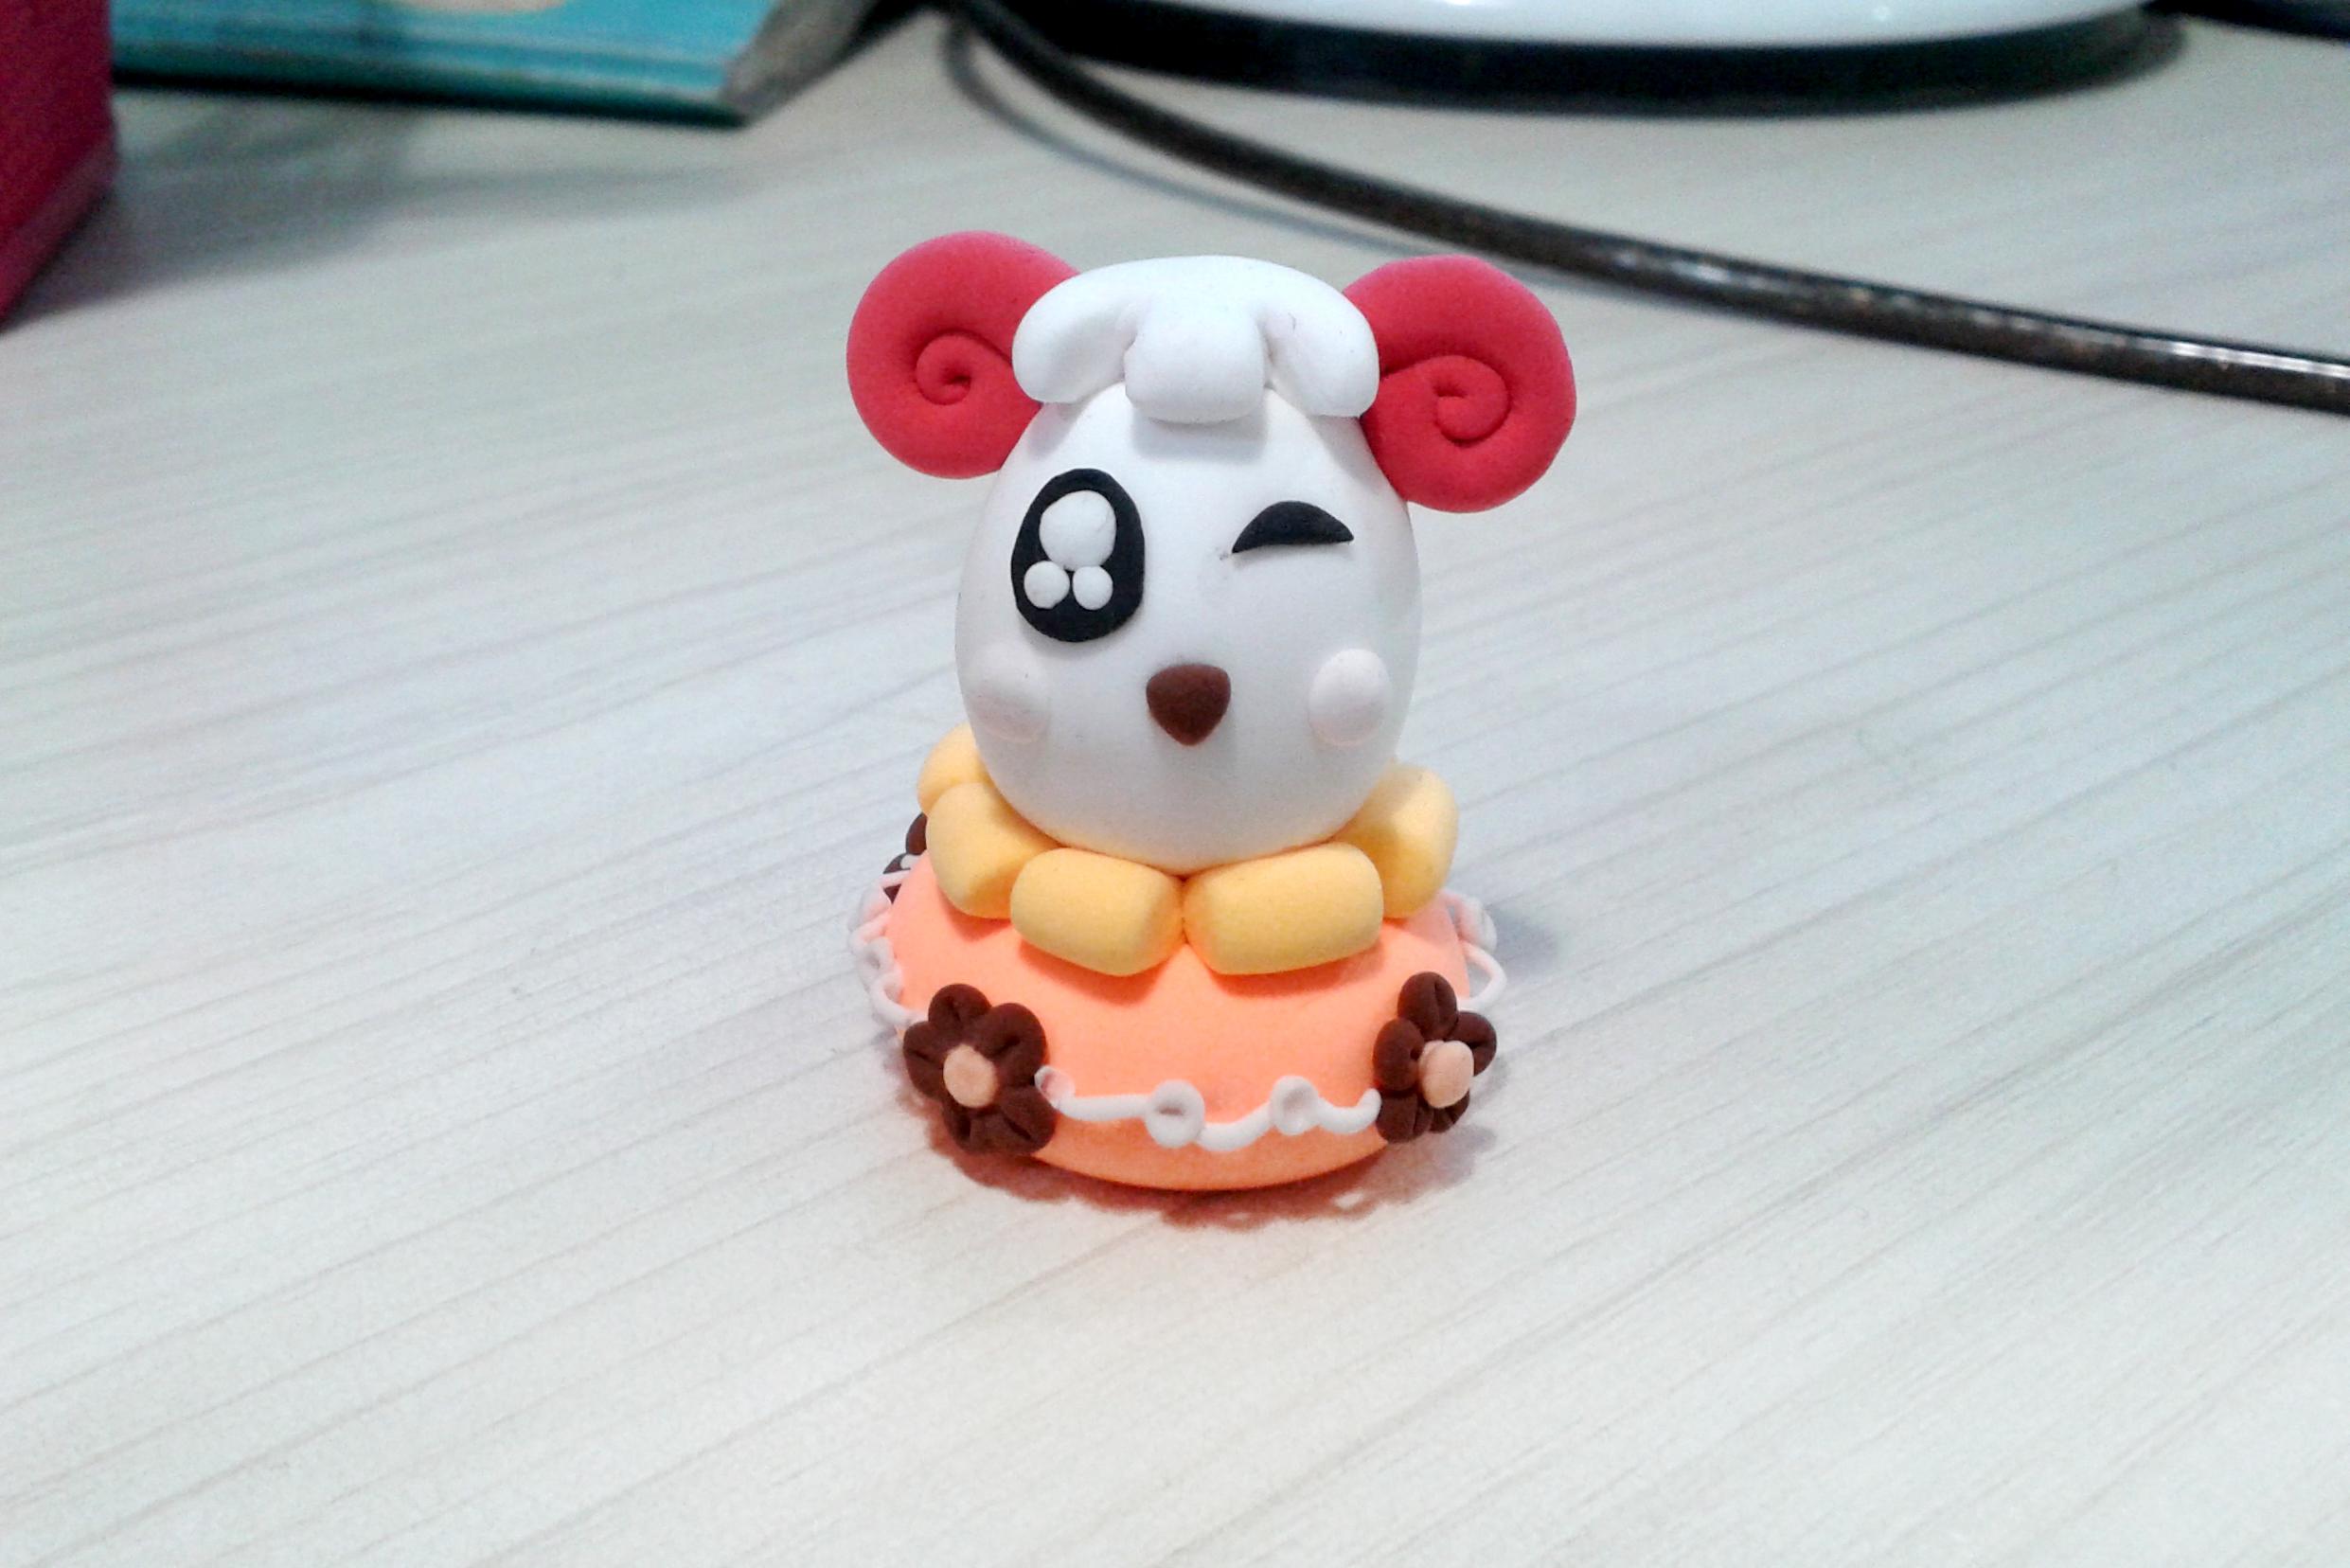 软陶系列之小动物